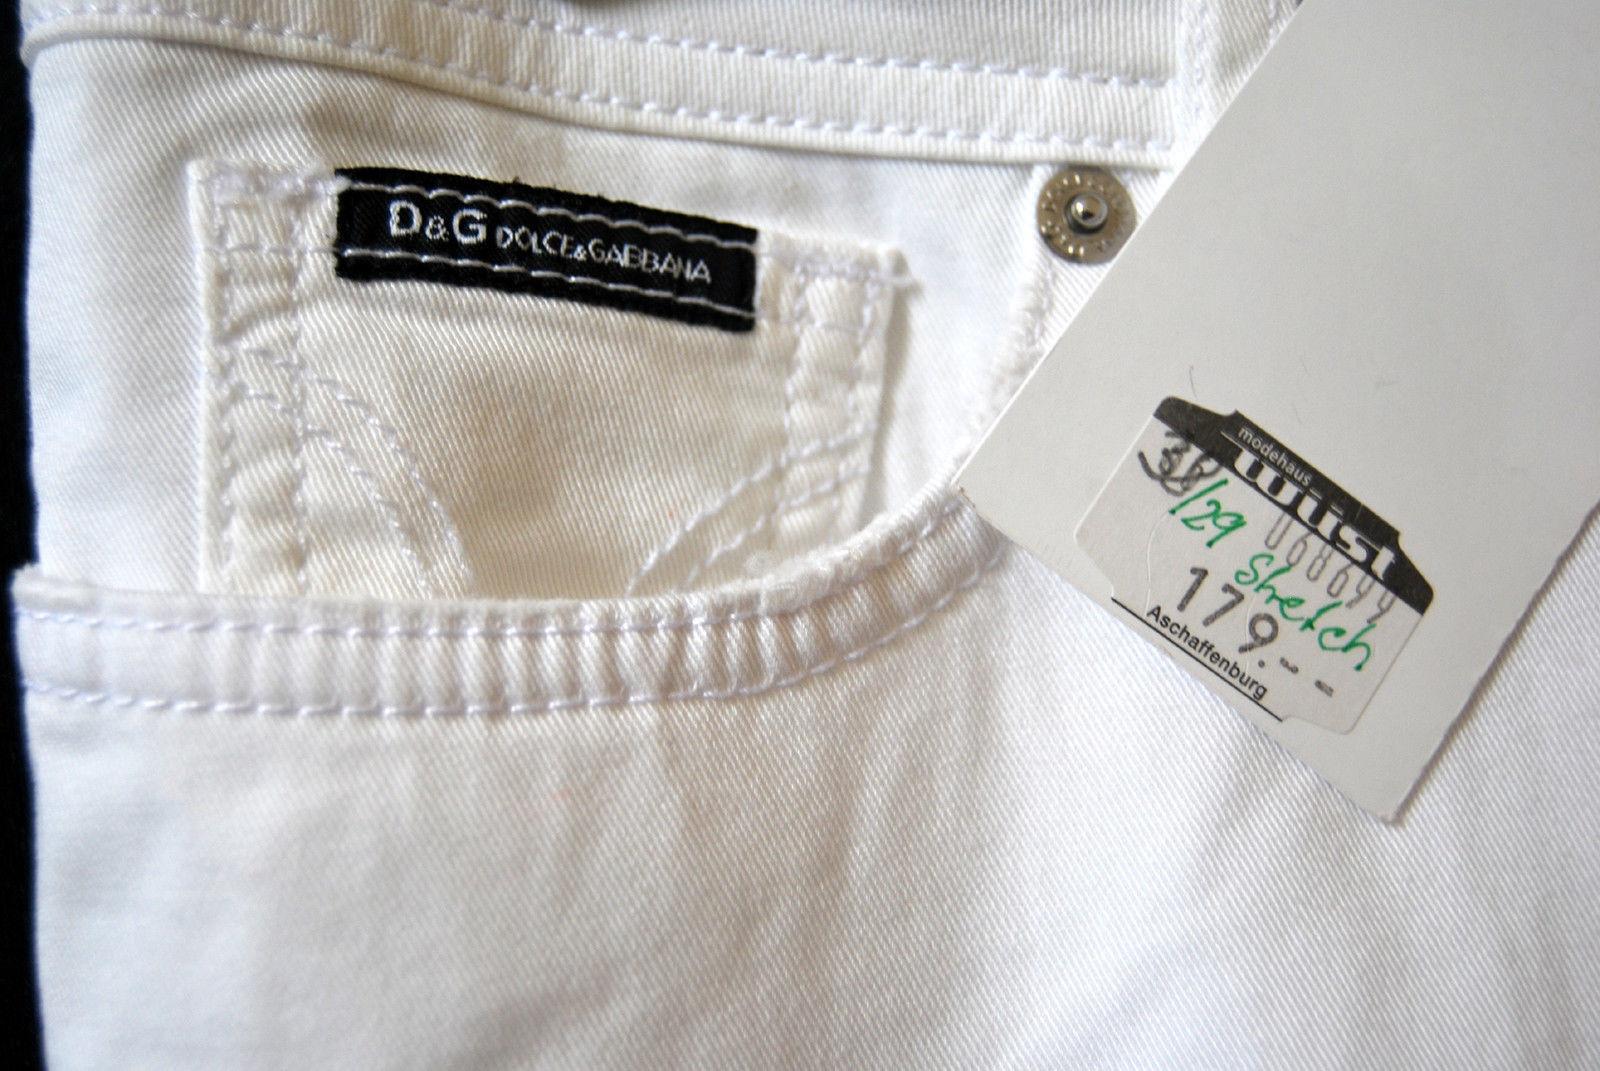 DOLCE&GABBANA Hose STRETCH NEU Gr. 38 W30 W30 W30  Original   EDEL Stiefel Cut 179 - D-2410 18d561